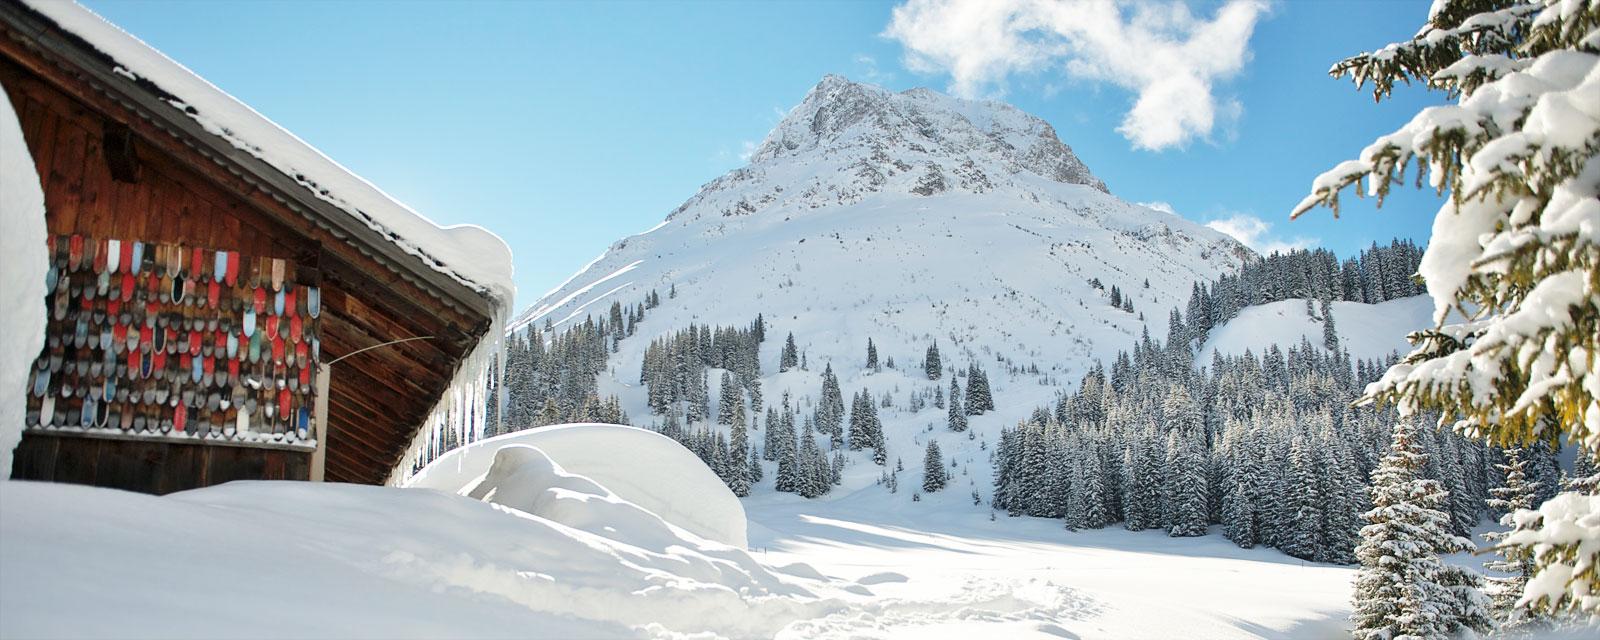 winterurlaub im ski chalet appartment lech am arlberg sterreich. Black Bedroom Furniture Sets. Home Design Ideas